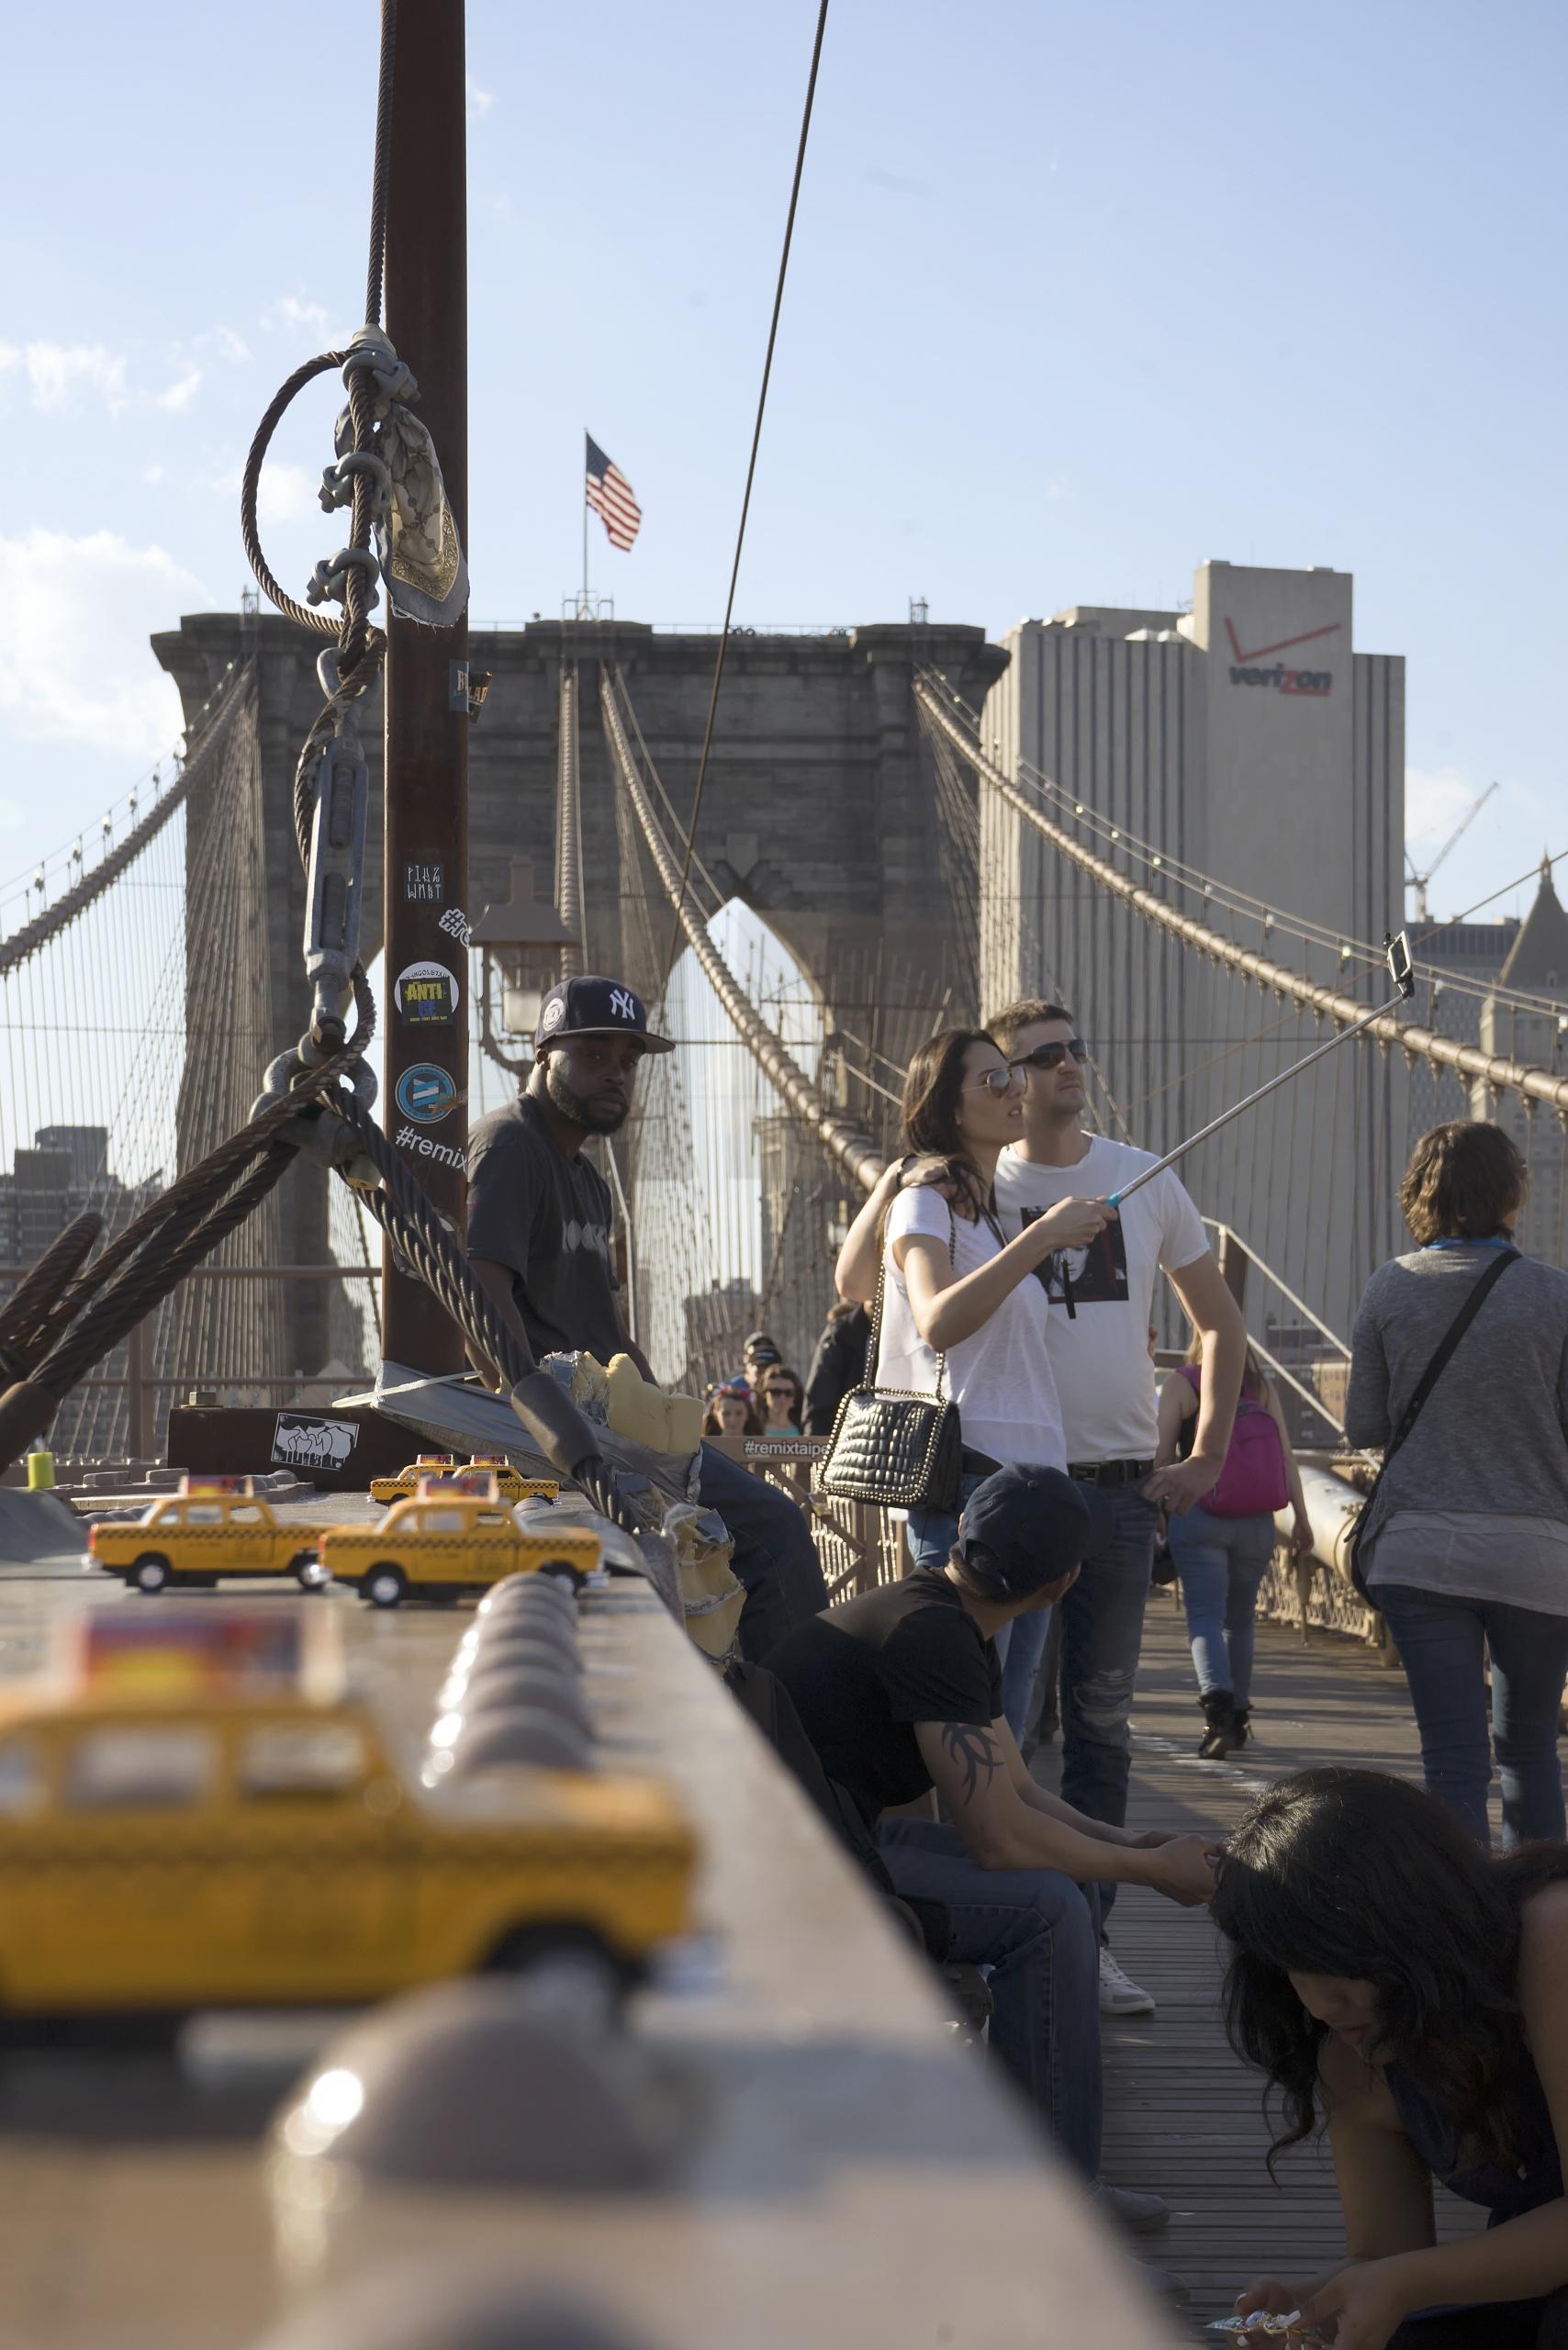 people watching, taxis, brooklyn bridge, street, bridge, new york, selfie stick, pedestrians, people